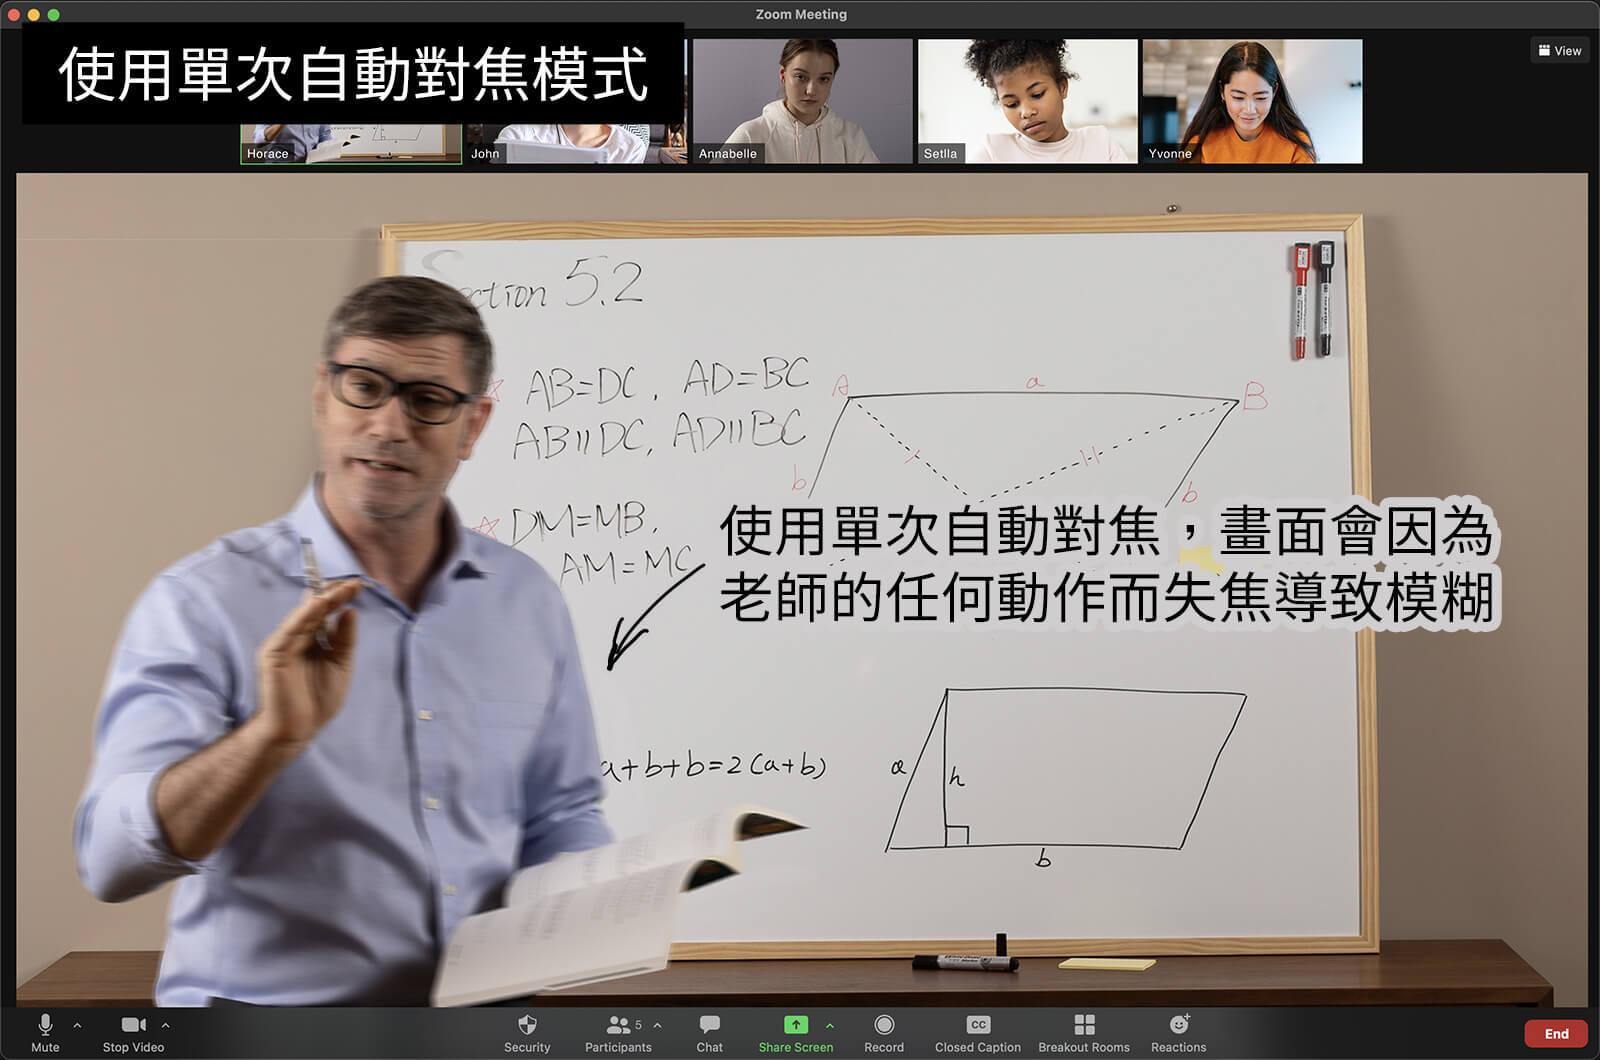 使用單次自動對焦模式:使用單次自動對焦,畫面會因為老師的任何動作而失焦導致模糊